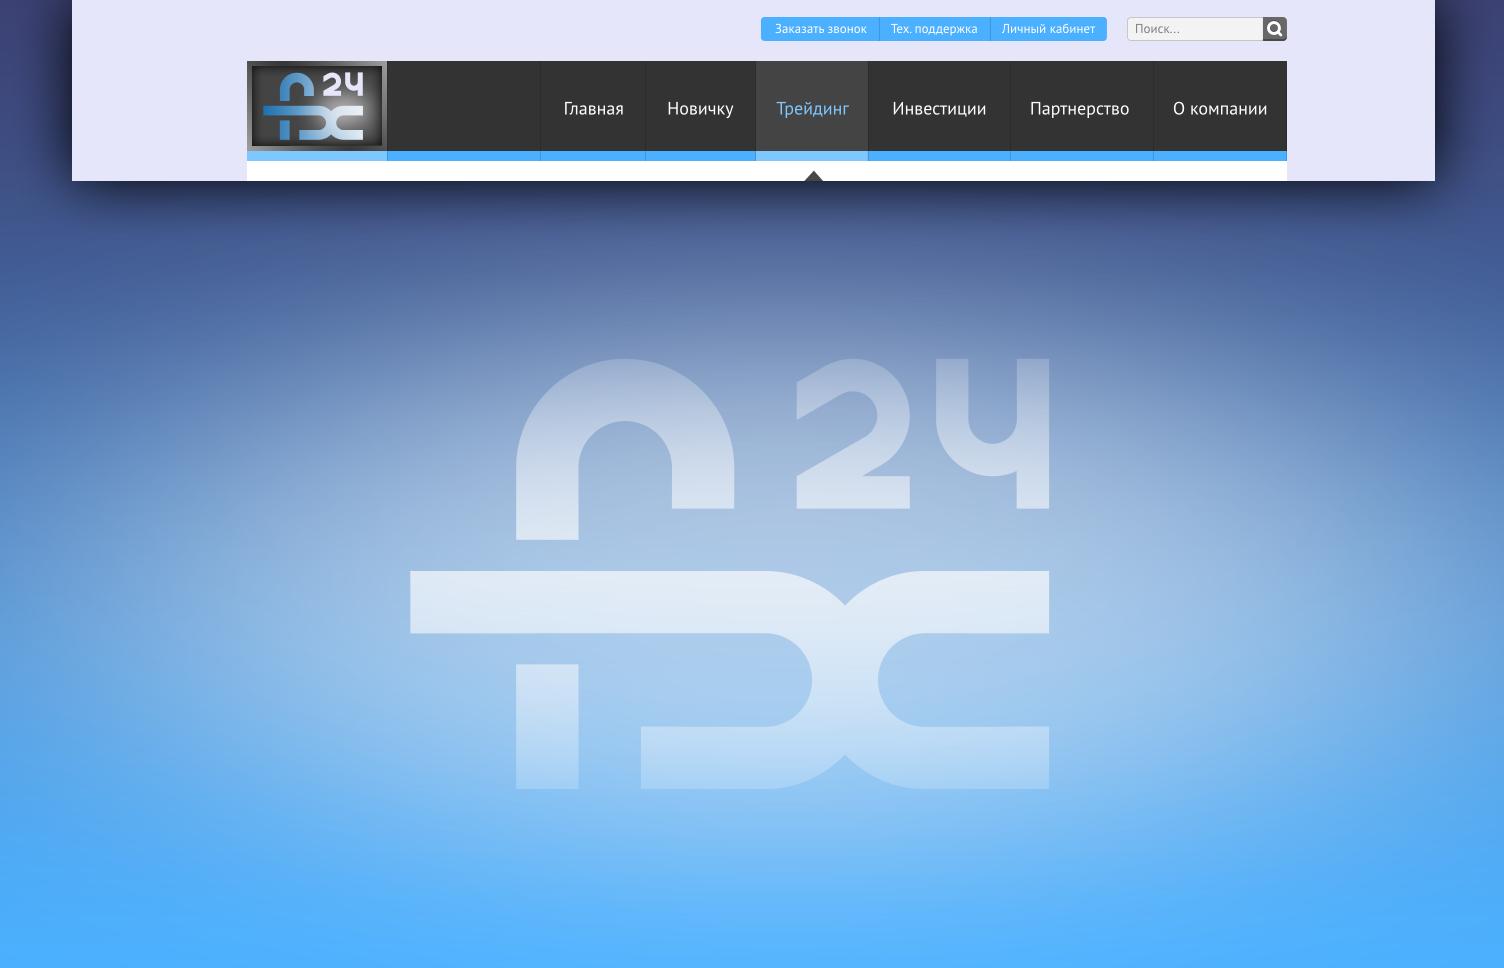 Разработка логотипа компании FX-24 фото f_26650ef2c1d92a48.png